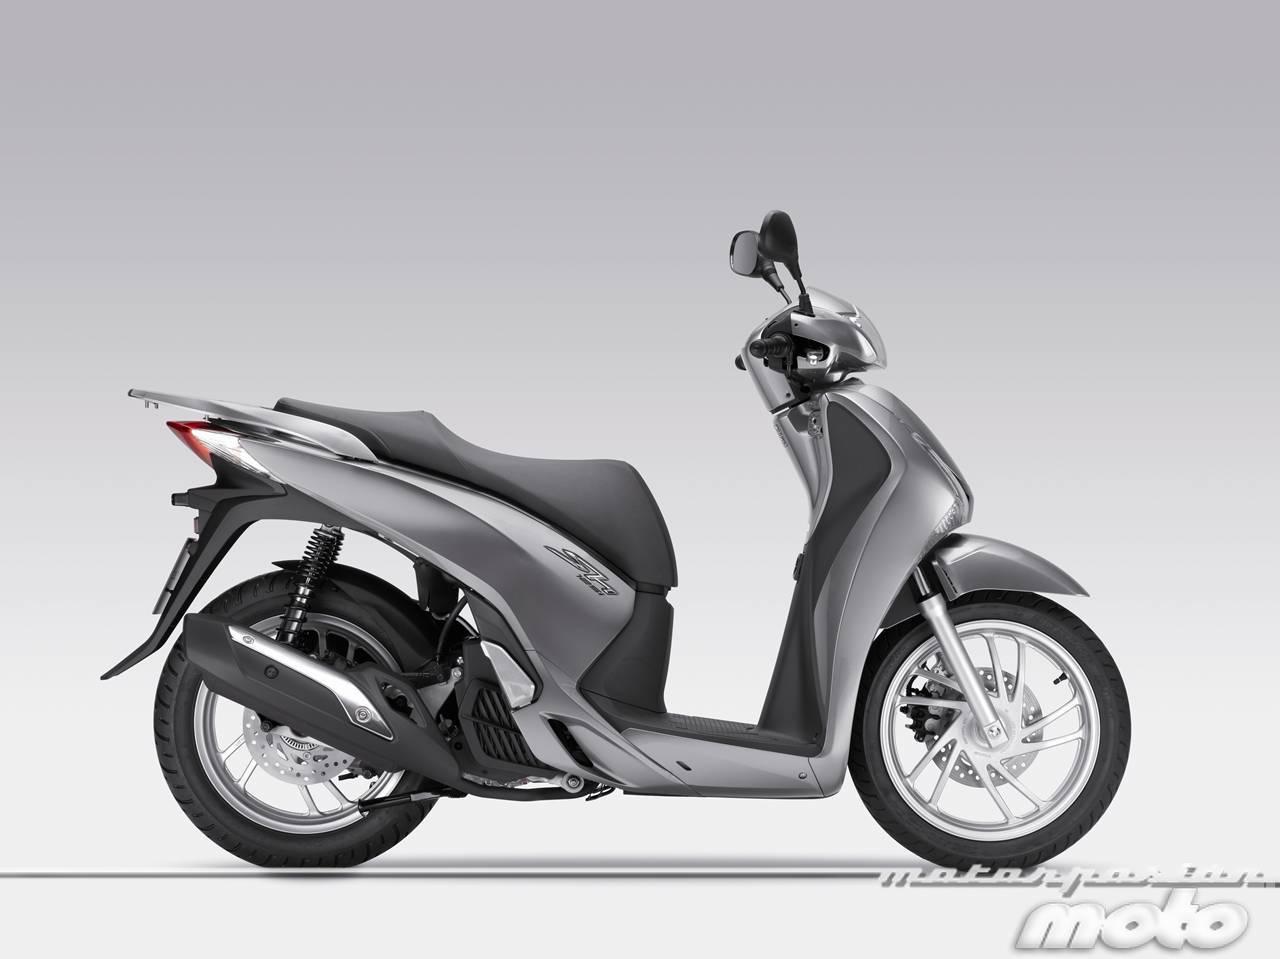 Foto de Honda Scoopy SH125i 2013, prueba (valoración, galería y ficha técnica)  - Fotos Detalles (32/81)